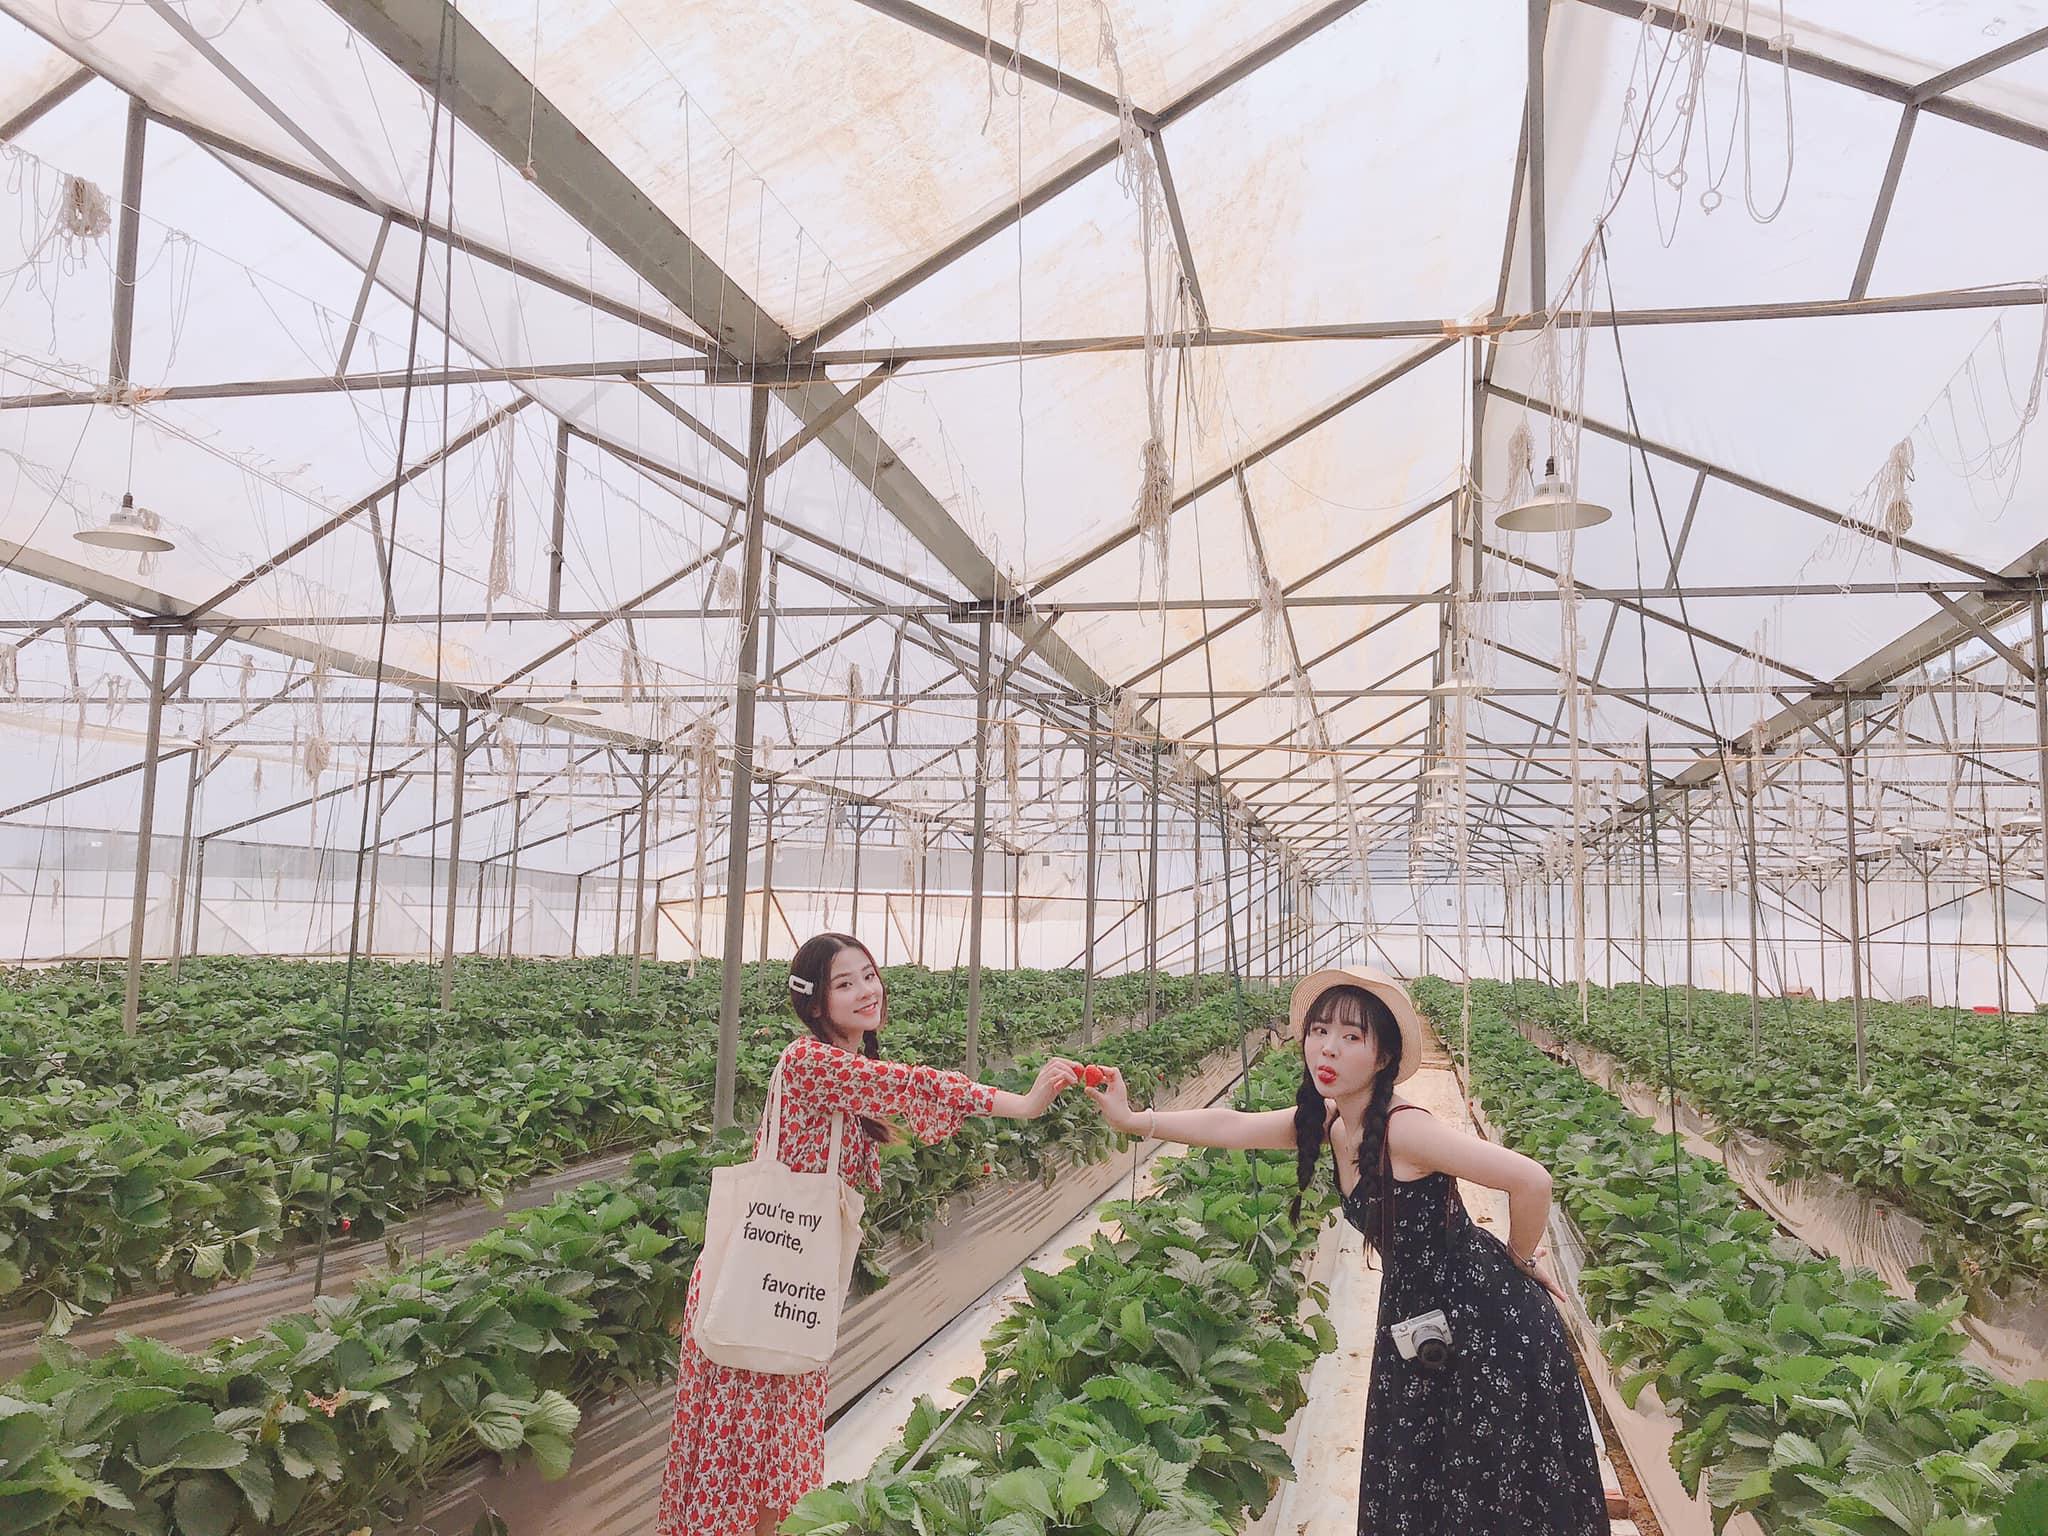 Tour du lịch Sapa khởi hành từ Hà Nội: Chi phí trọn gói chỉ từ 1,1 triệu đồng - Ảnh 12.